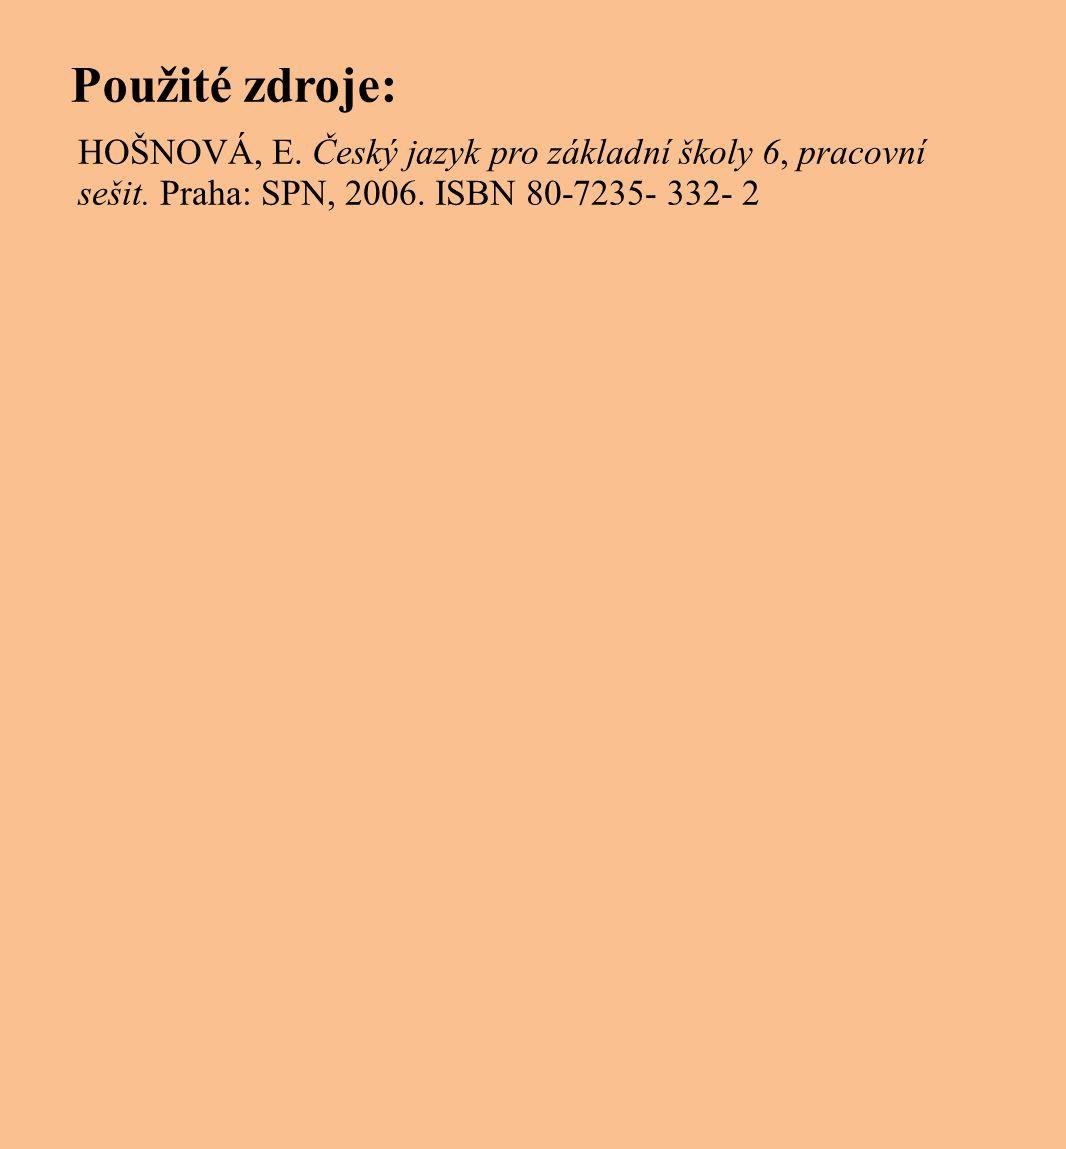 Použité zdroje: HOŠNOVÁ, E. Český jazyk pro základní školy 6, pracovní sešit.